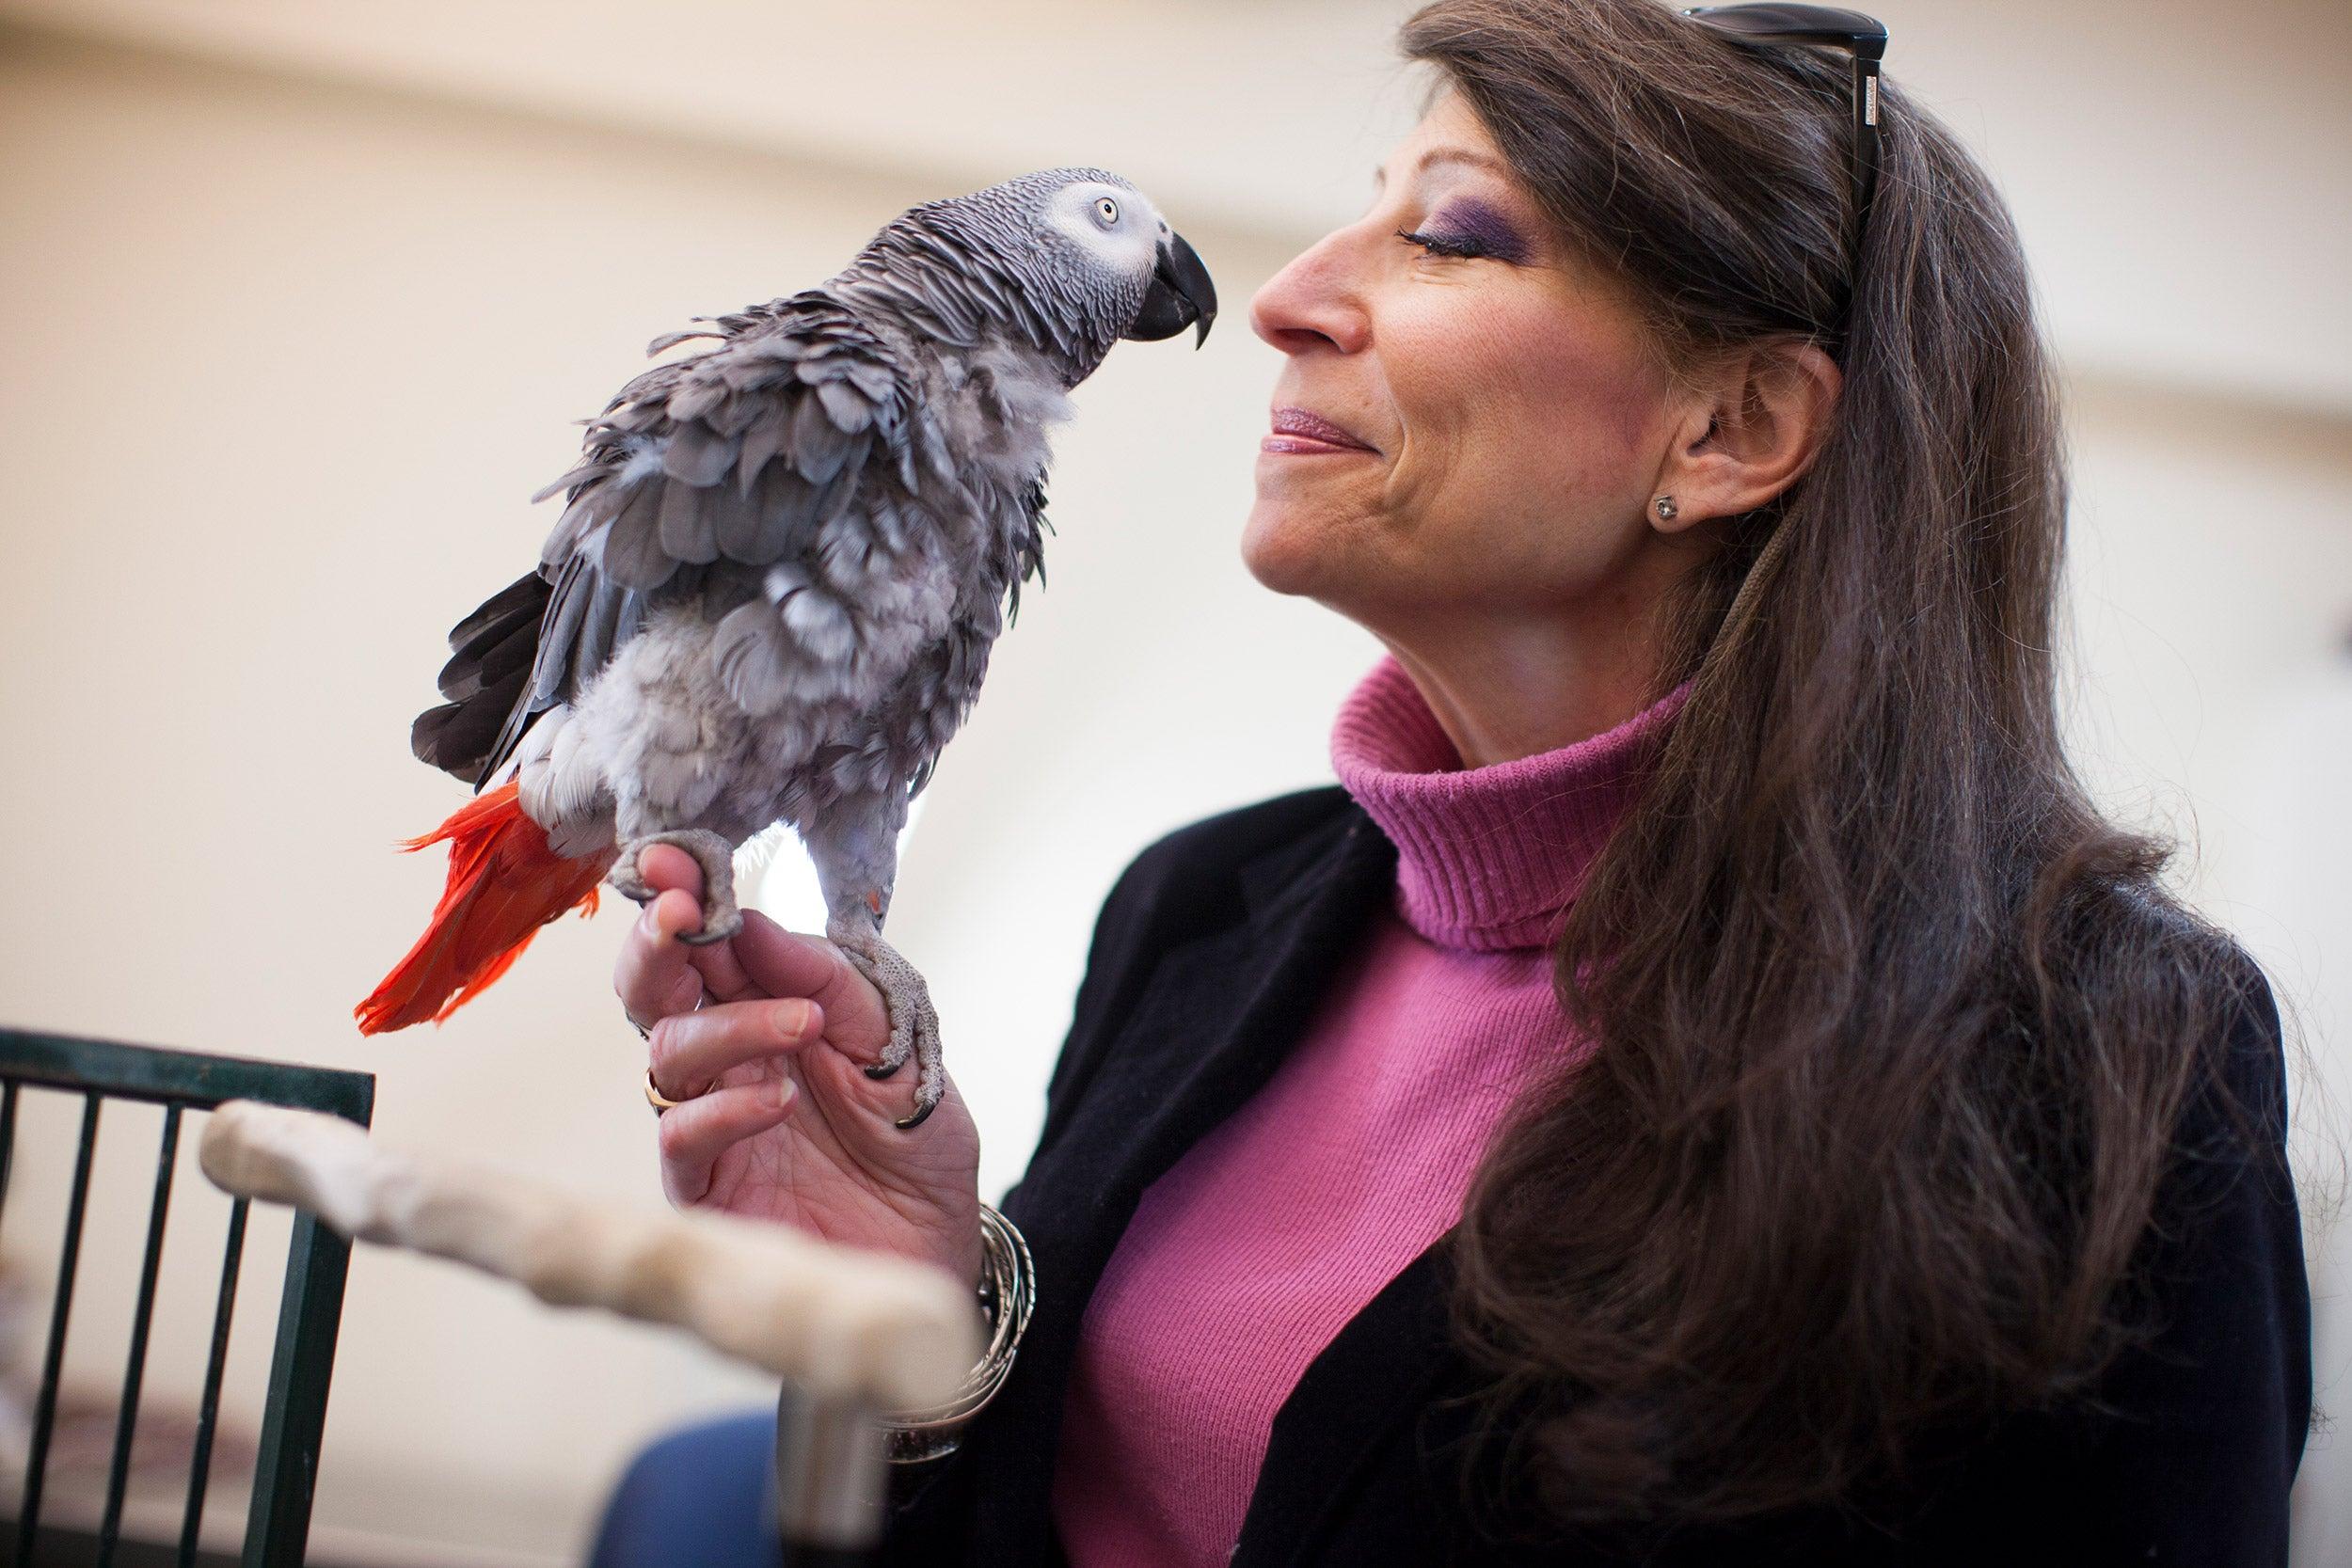 Irene Pepperberg with her parrot.